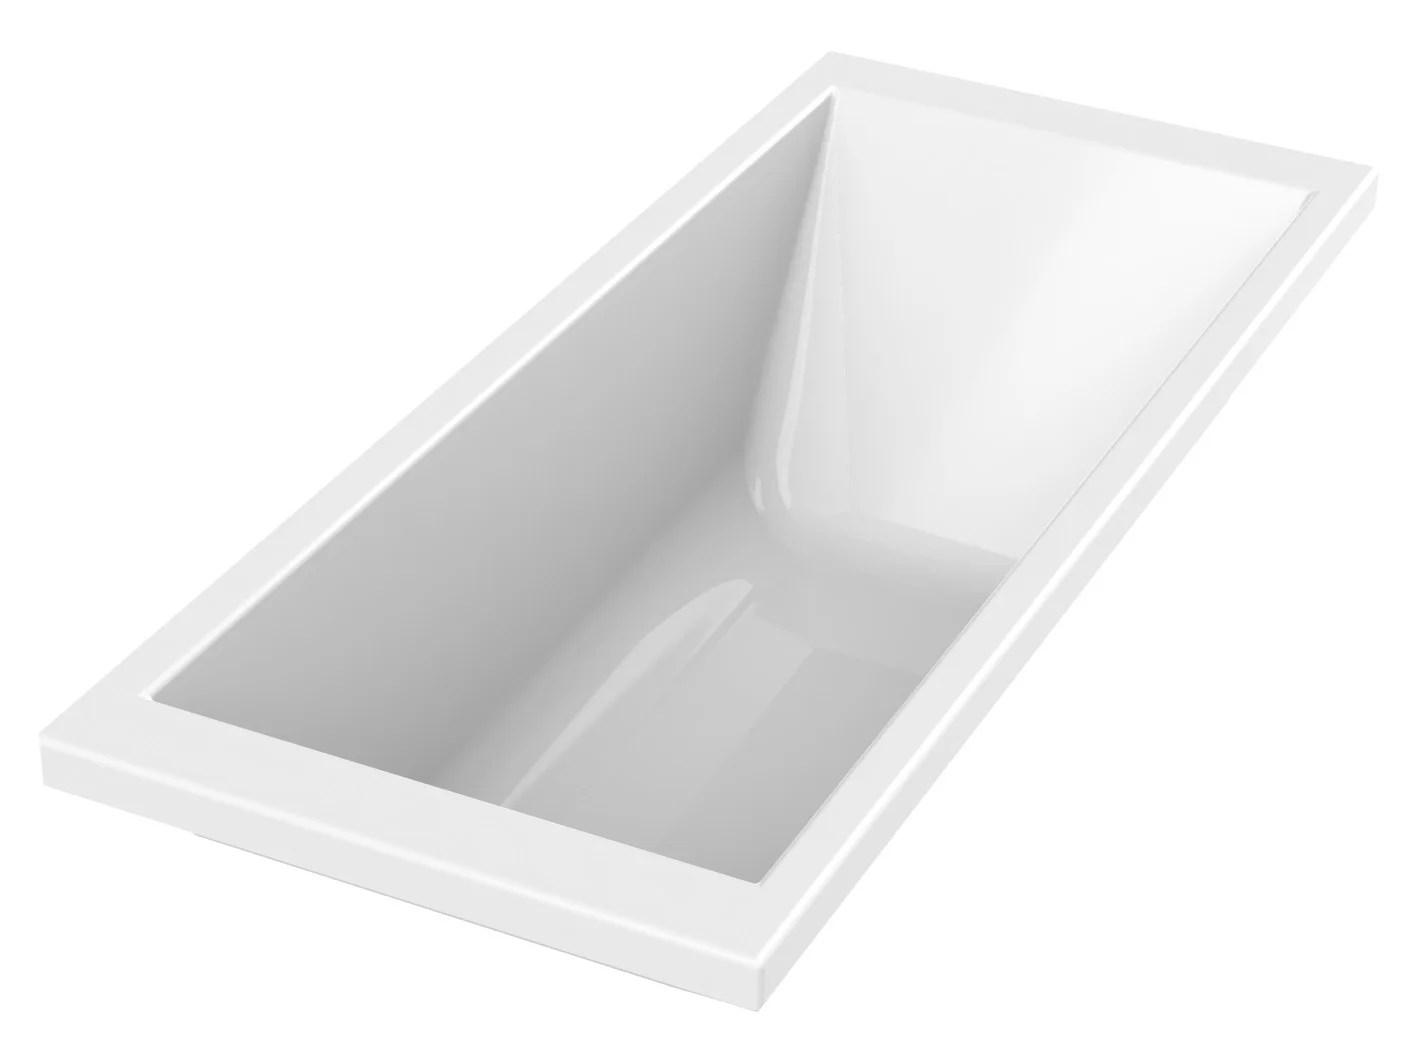 baignoire rectangulaire l 175x l 75 cm blanc sensea premium design